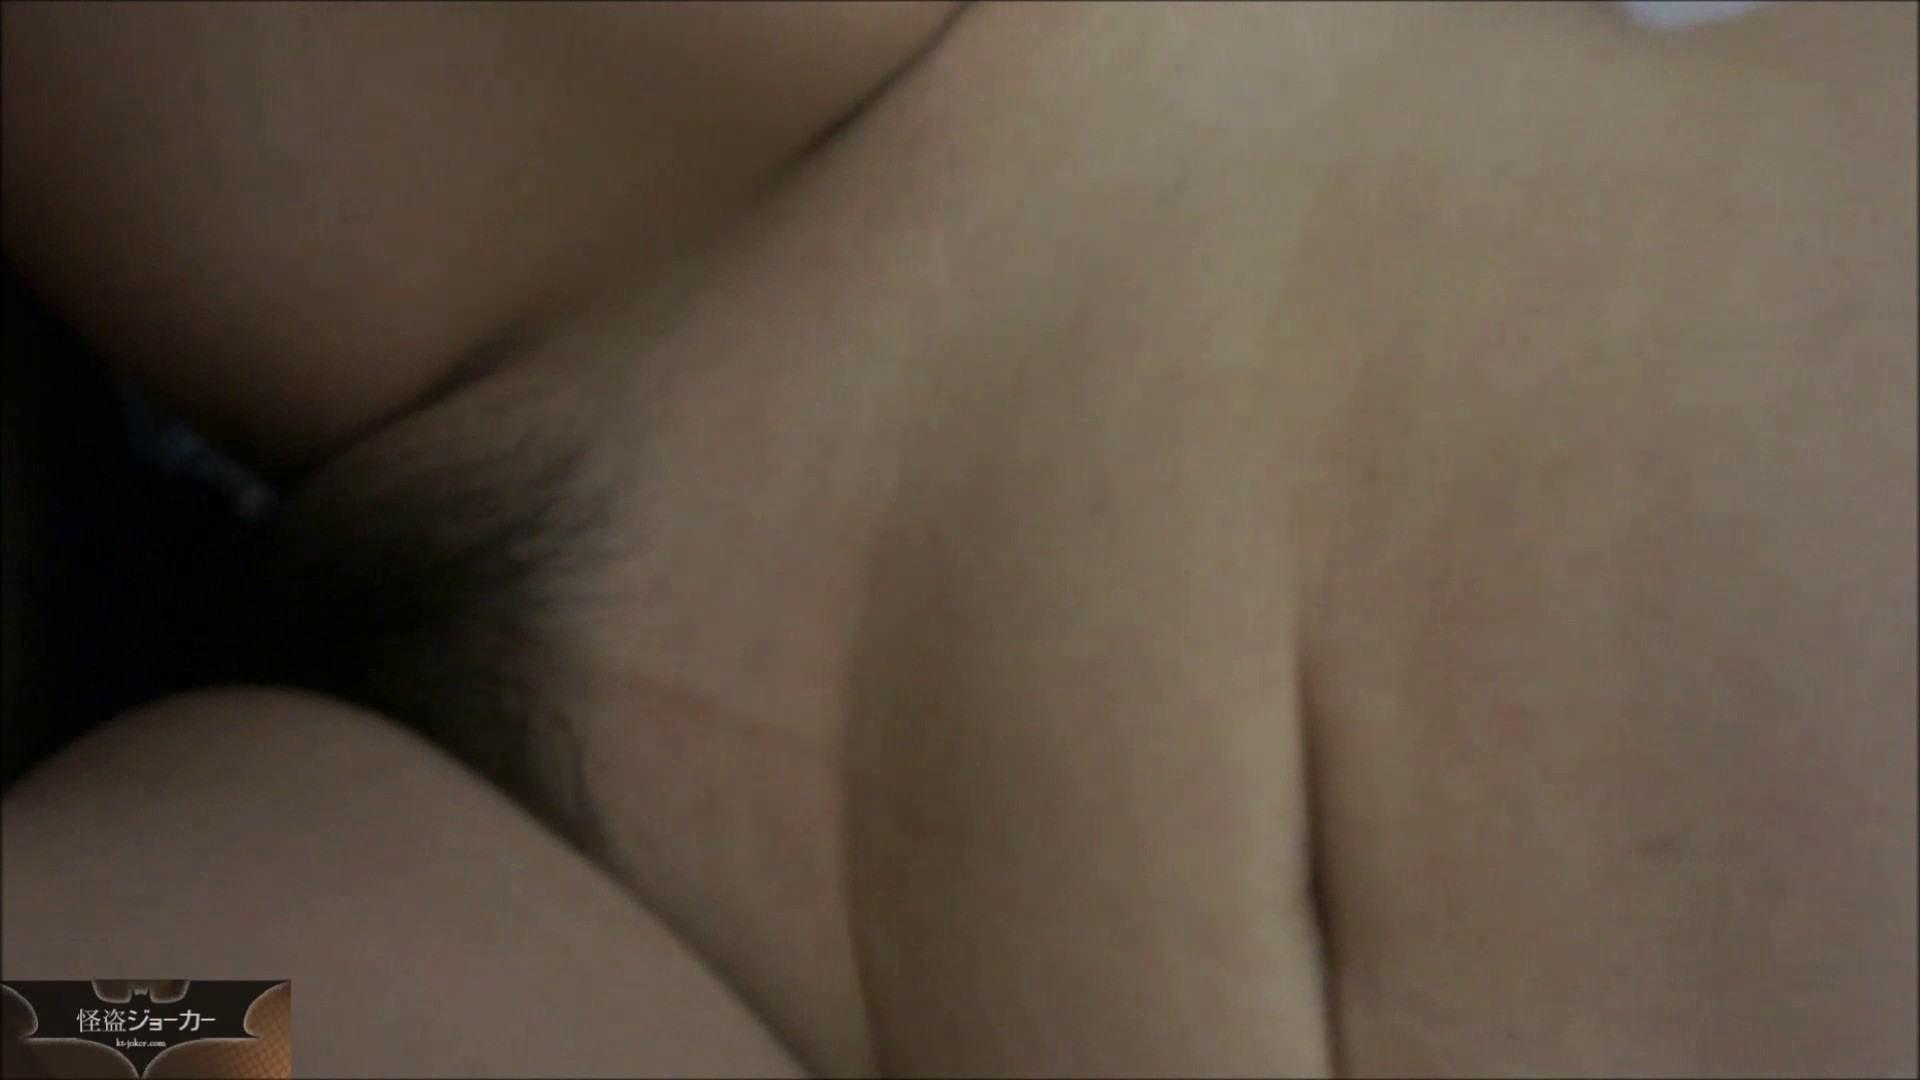 【未公開】vol.2 妻の友人、美里さん・・・晩酌の後、人妻の体を。 いじくり  80PIX 11